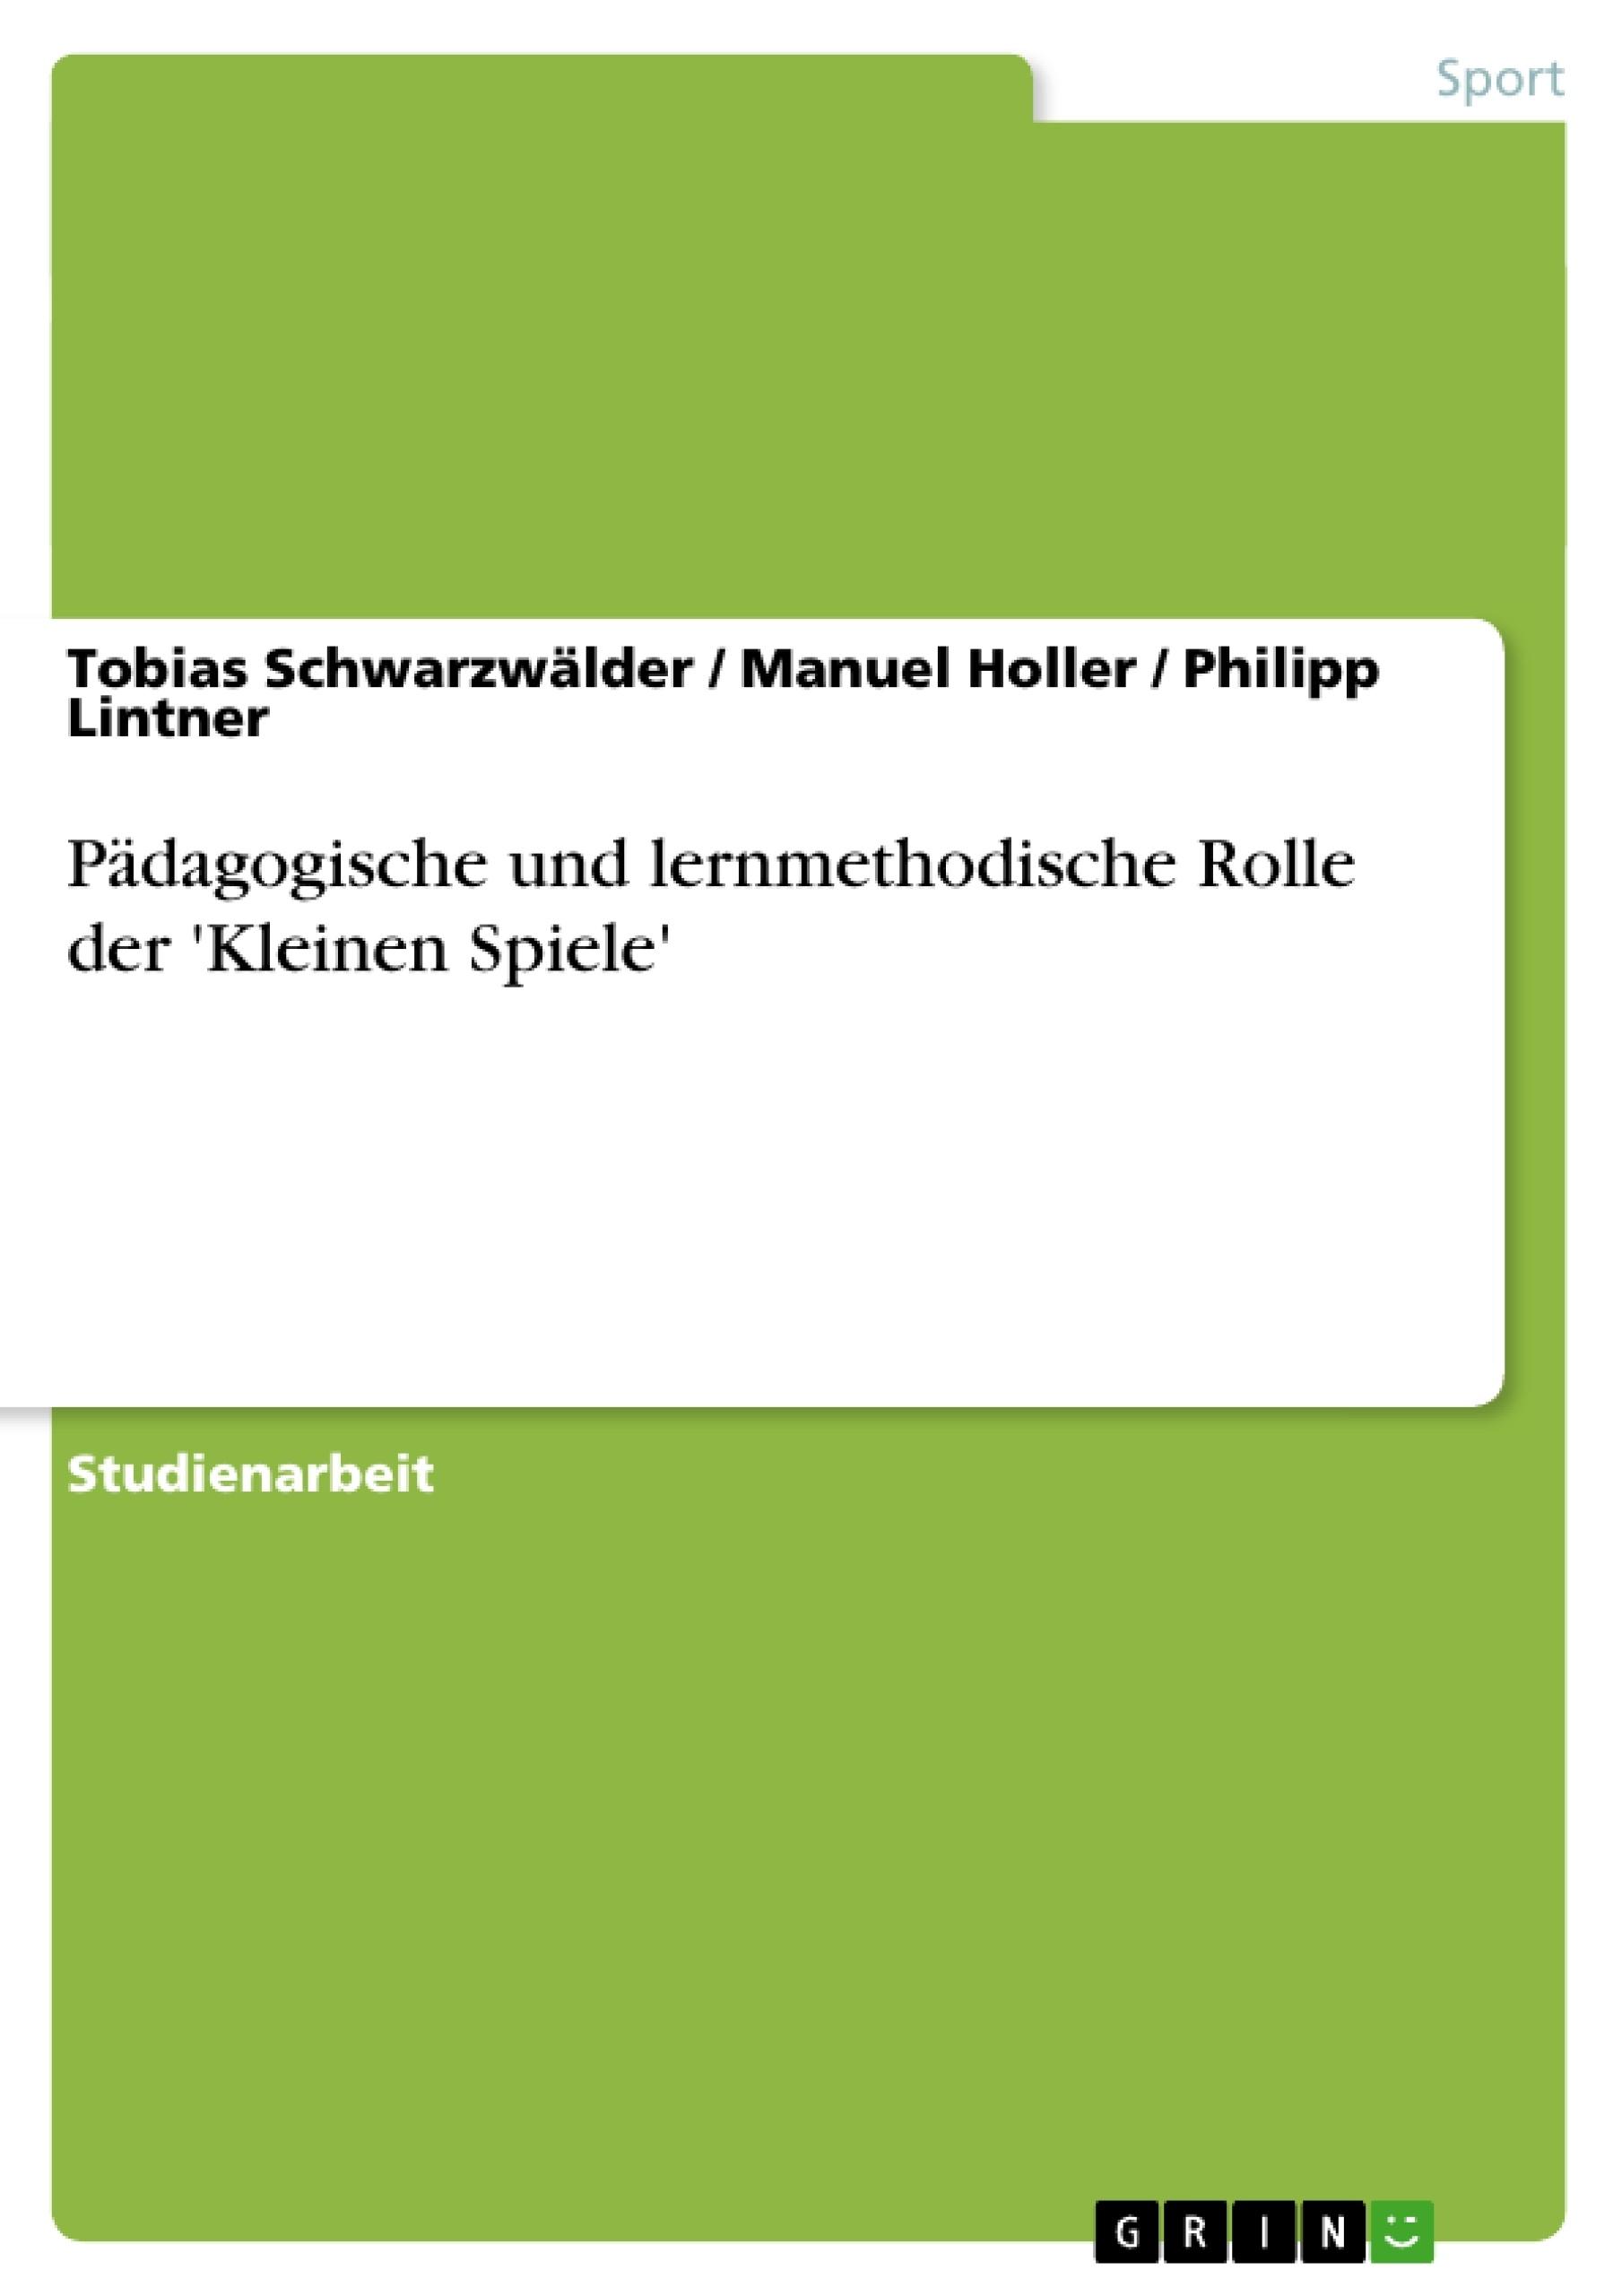 Titel: Pädagogische und lernmethodische Rolle der 'Kleinen Spiele'